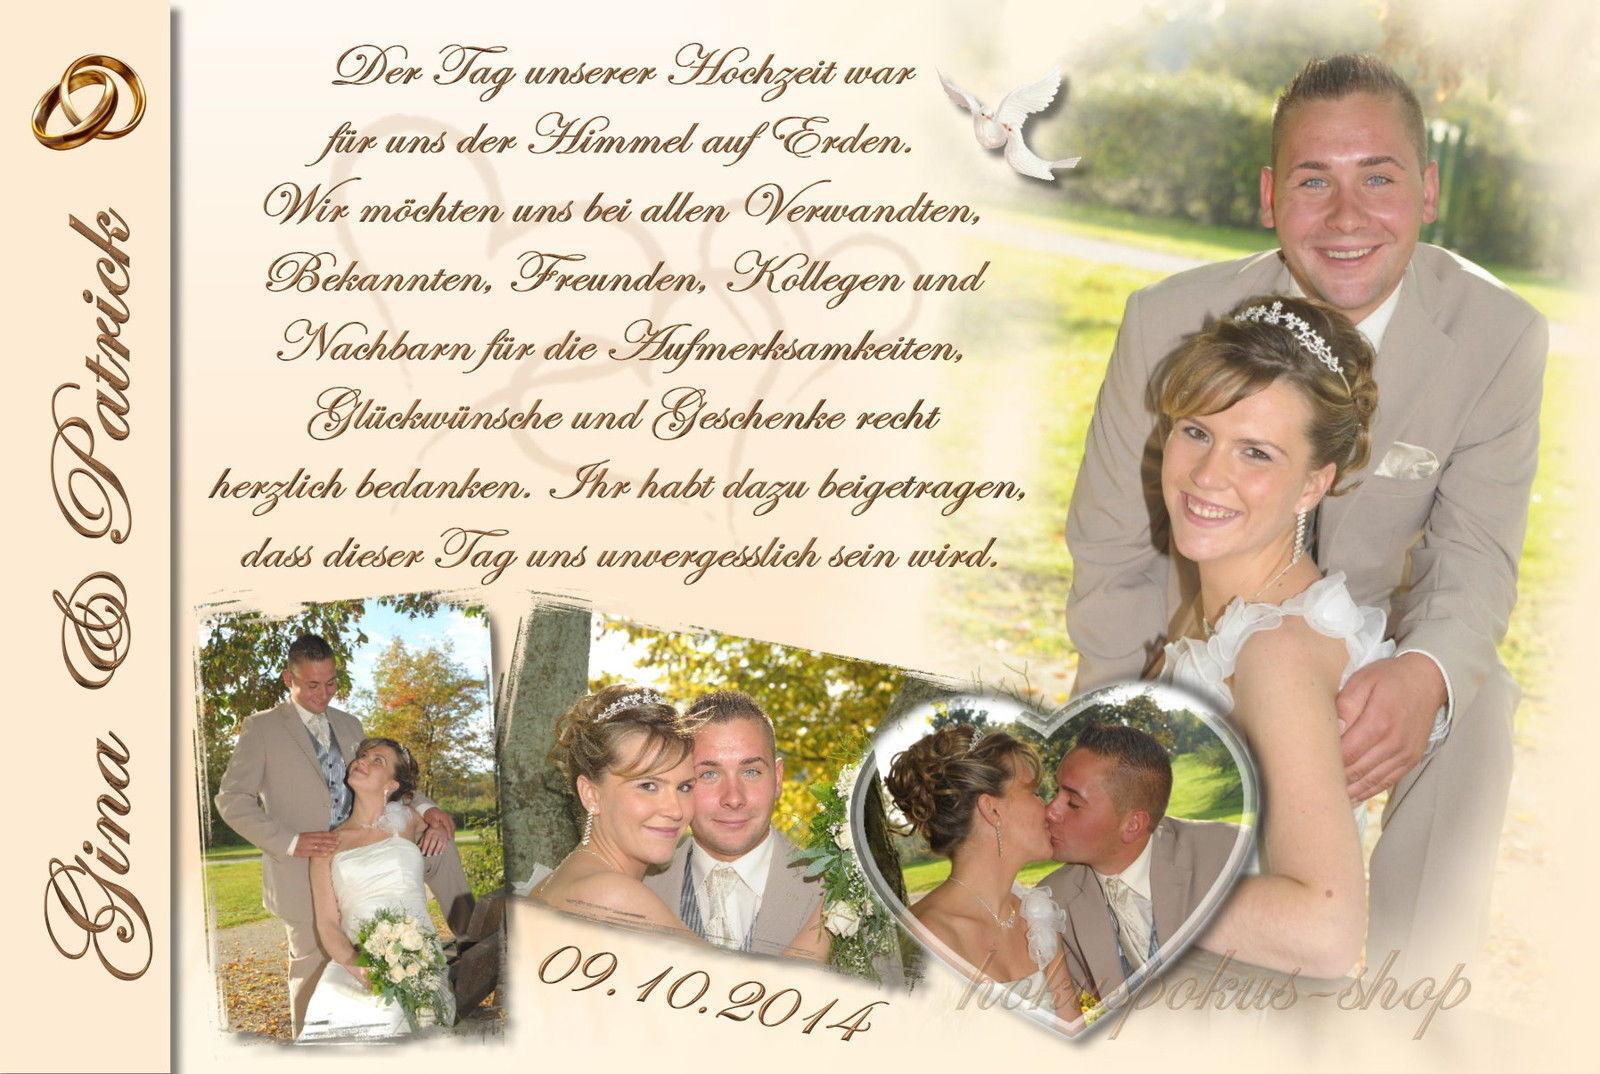 40 Danksagungskarten Hochzeit Danksagungen Fotokarte Hochzeitskarte Danke Foto  | Um Eine Hohe Bewunderung Gewinnen Und Ist Weit Verbreitet Trusted In-und   | Sonderpreis